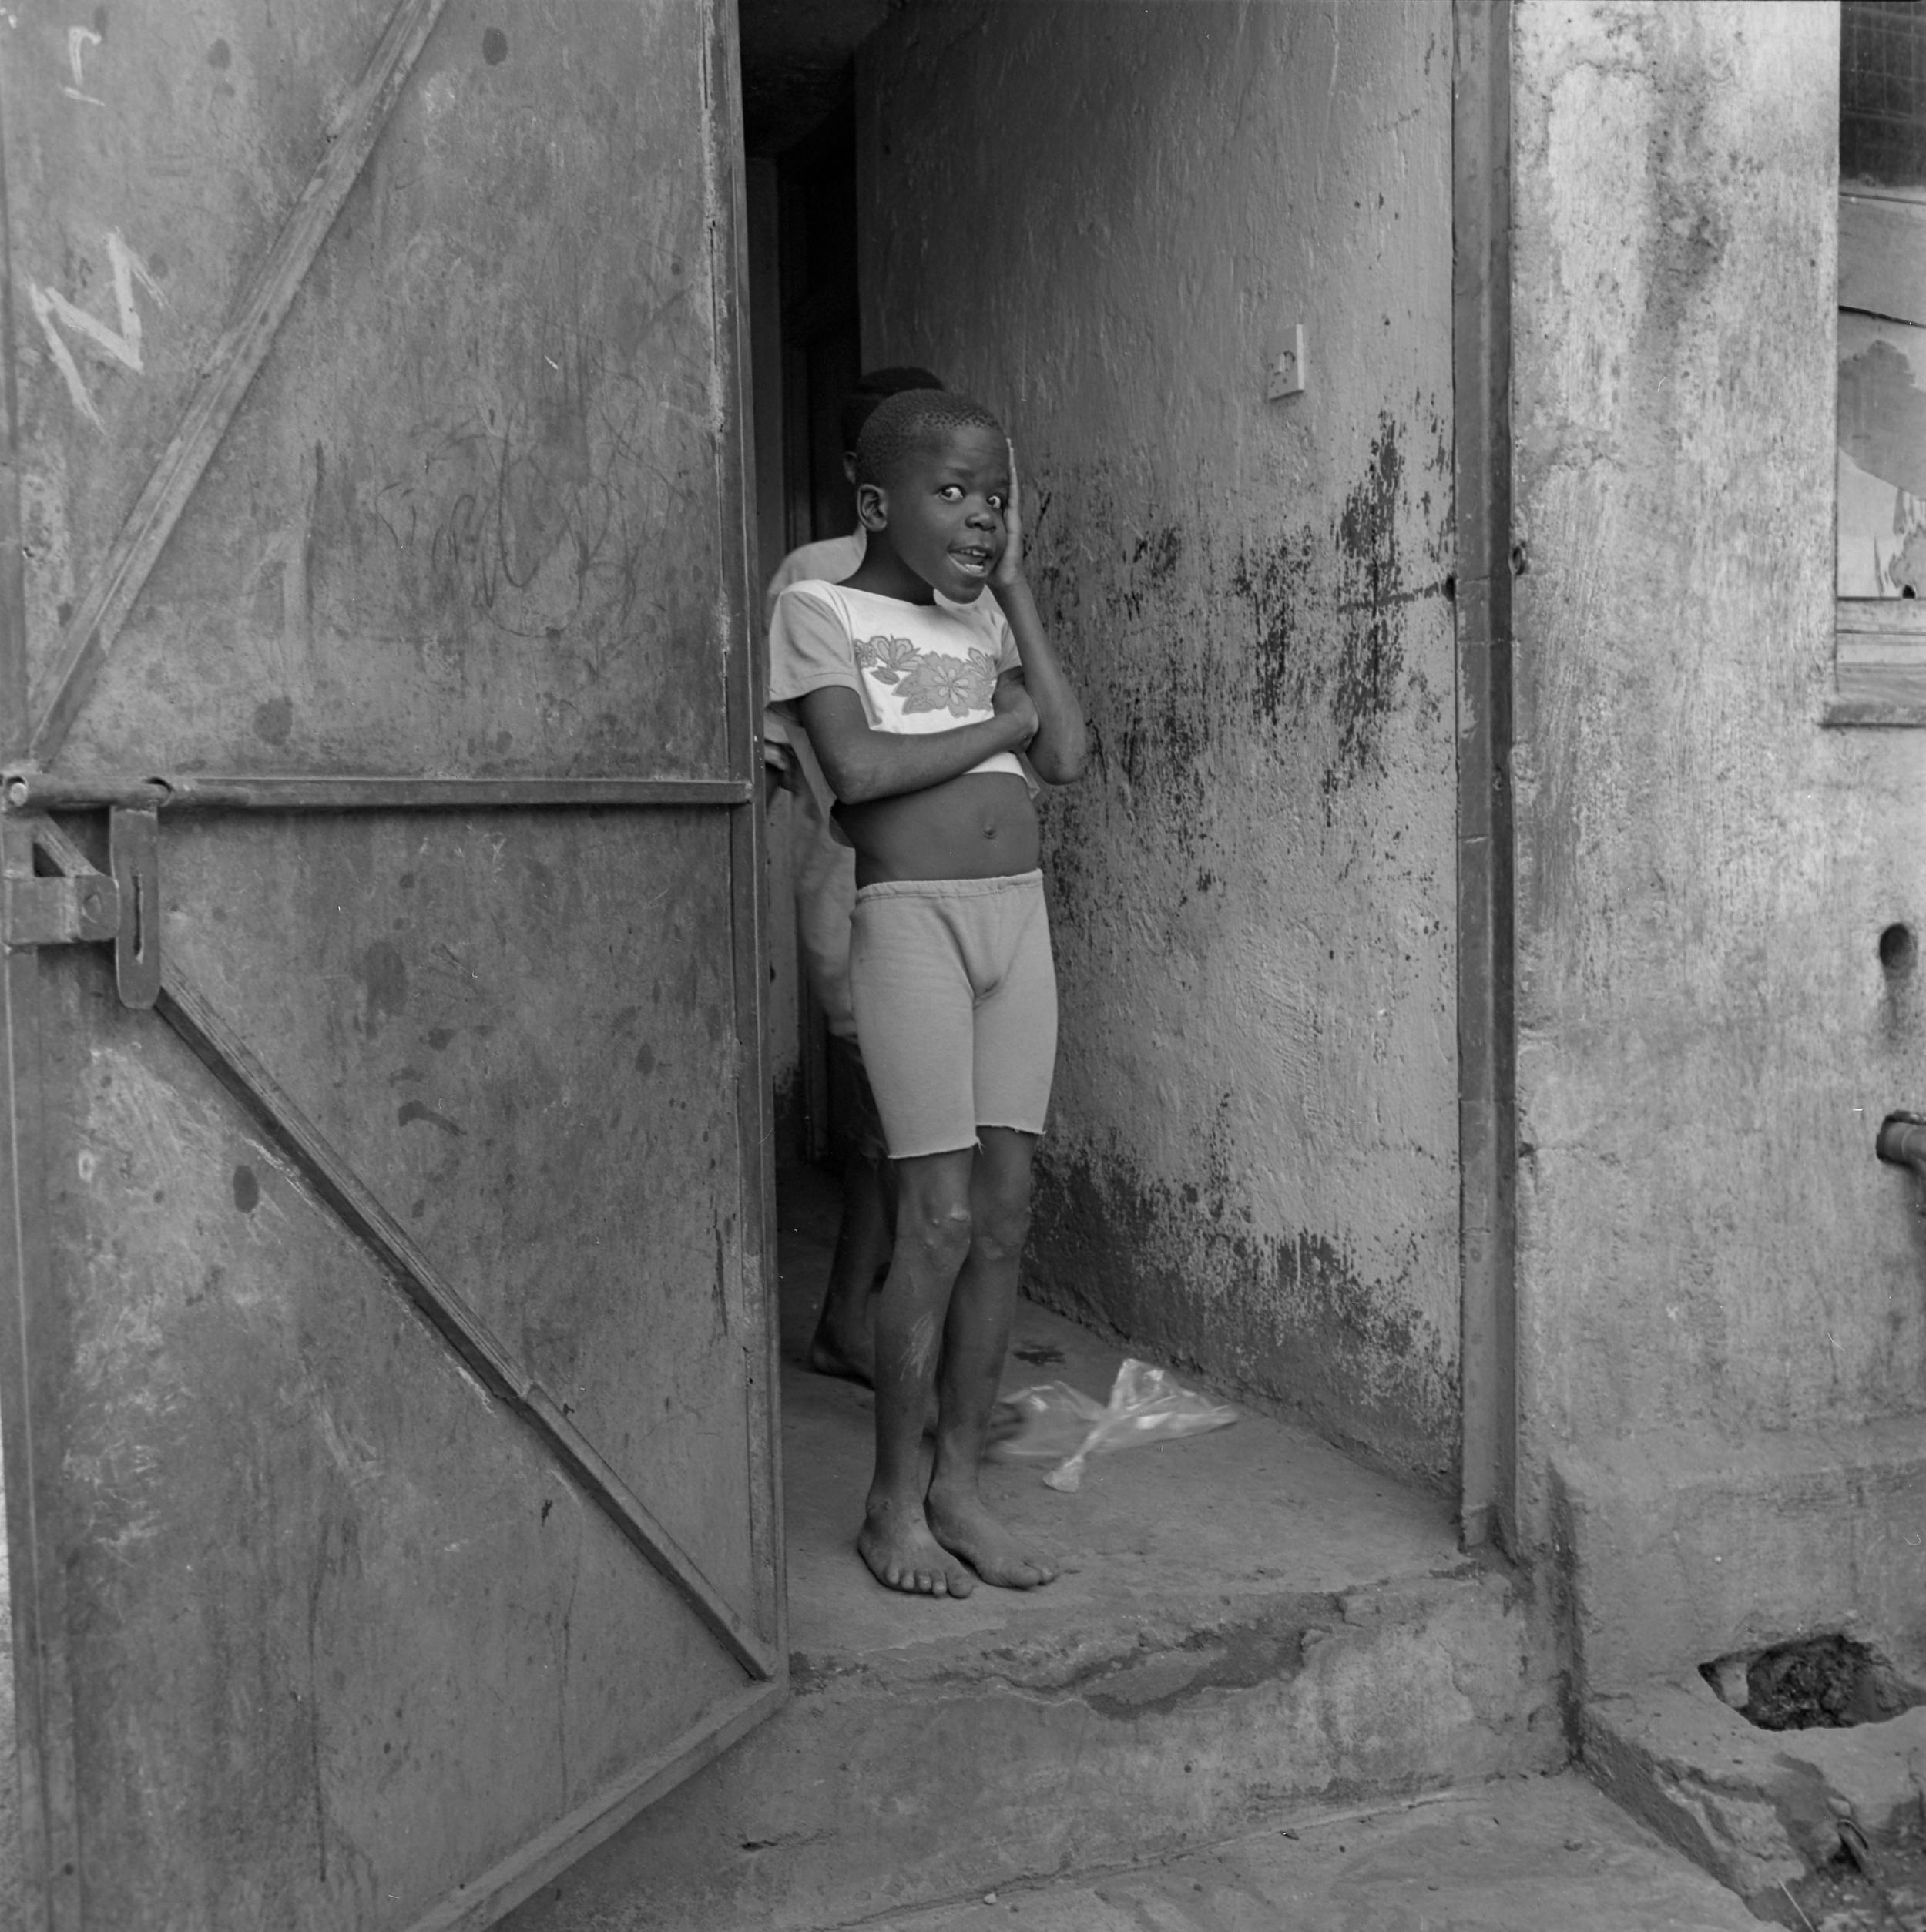 Street boy in rescue center, Nairobi